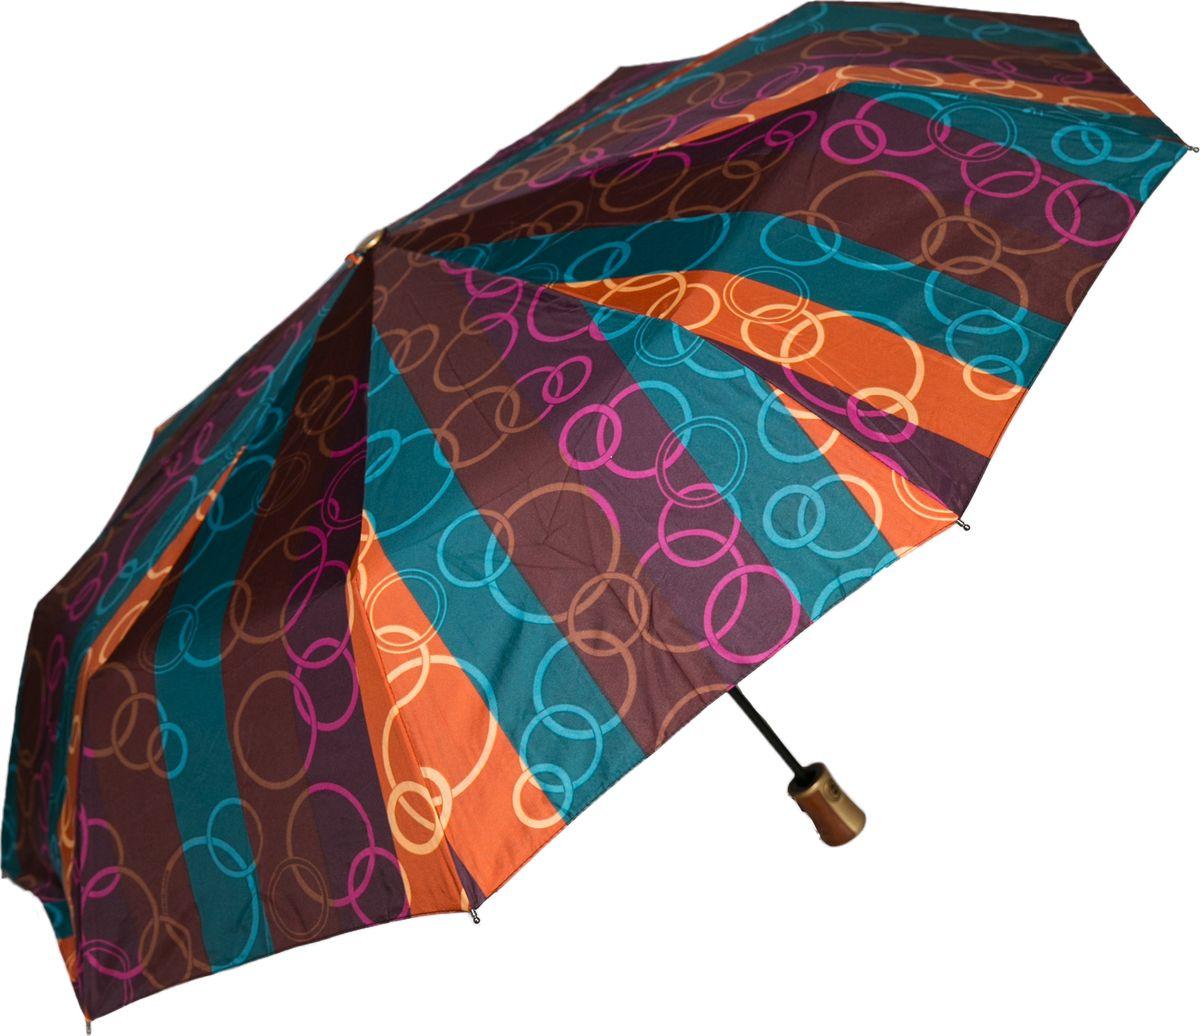 Зонт женский Mitya Veselkov, цвет: бордовый. ZONT2-11ZONT2-11Прекрасный и надежный автоматический зонт Mitya Veselkov укроет от дождя и станет стильным аксессуаром, дополняющим Ваш образ. Ширина купола 100 см.